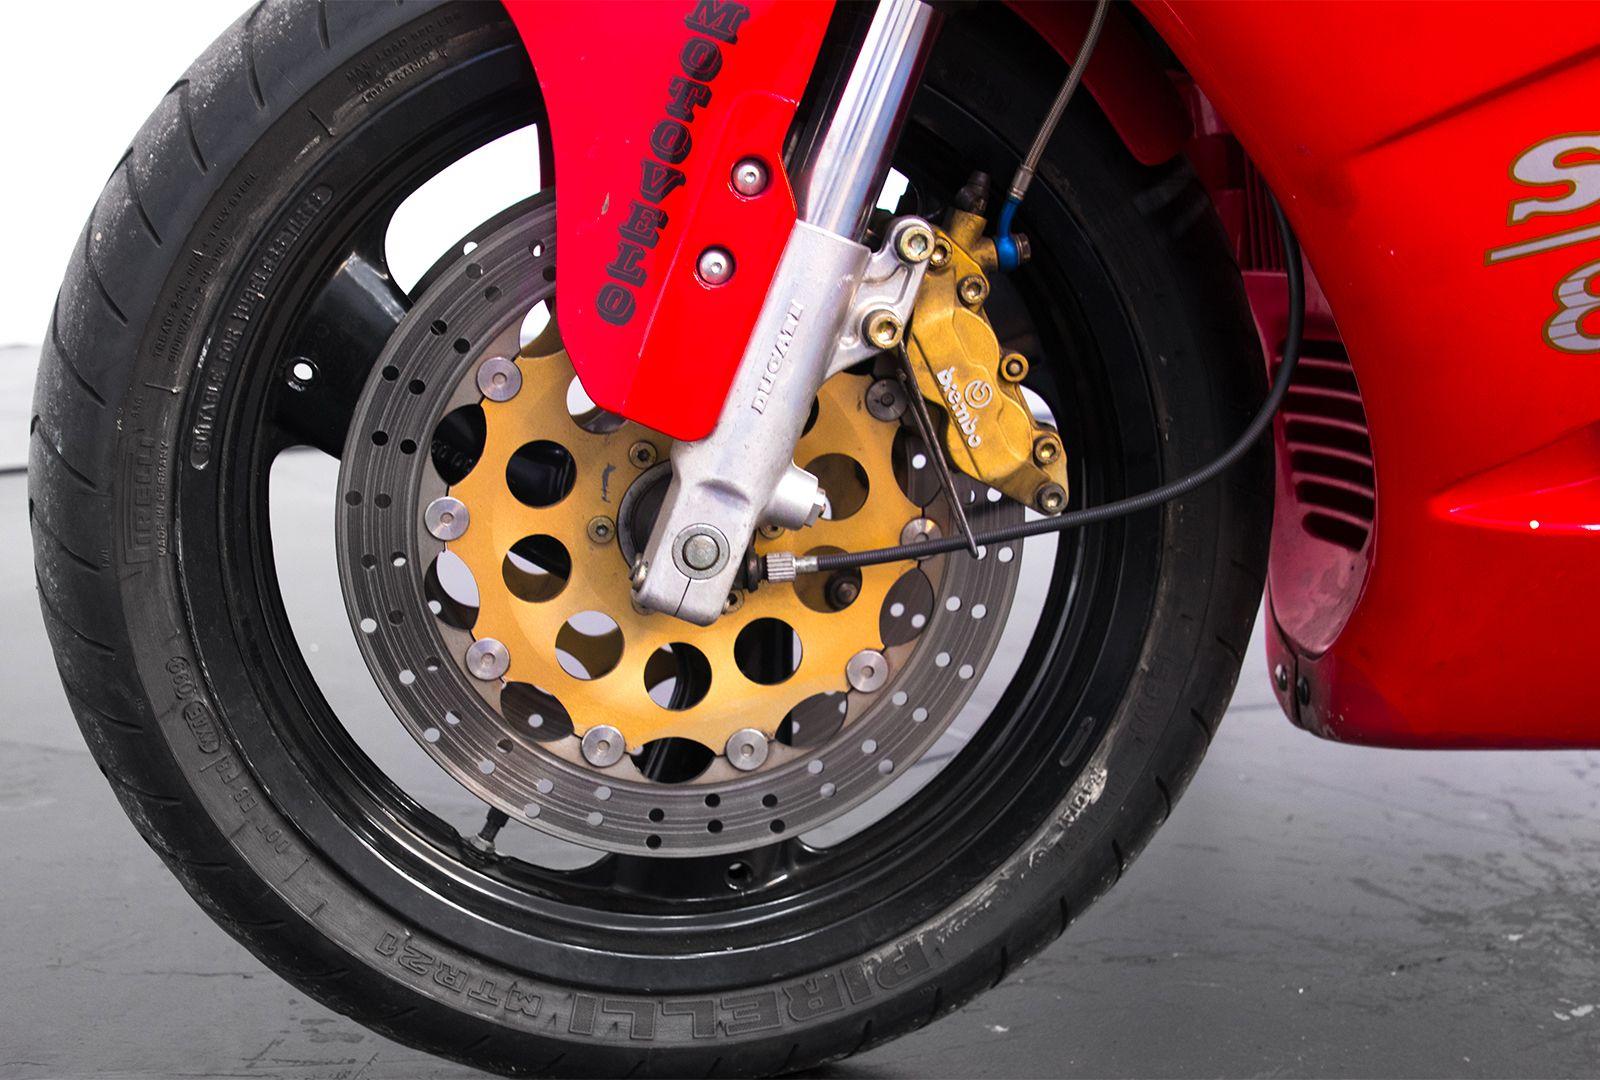 1993 Ducati Superbike 888 Desmoquattro 17913